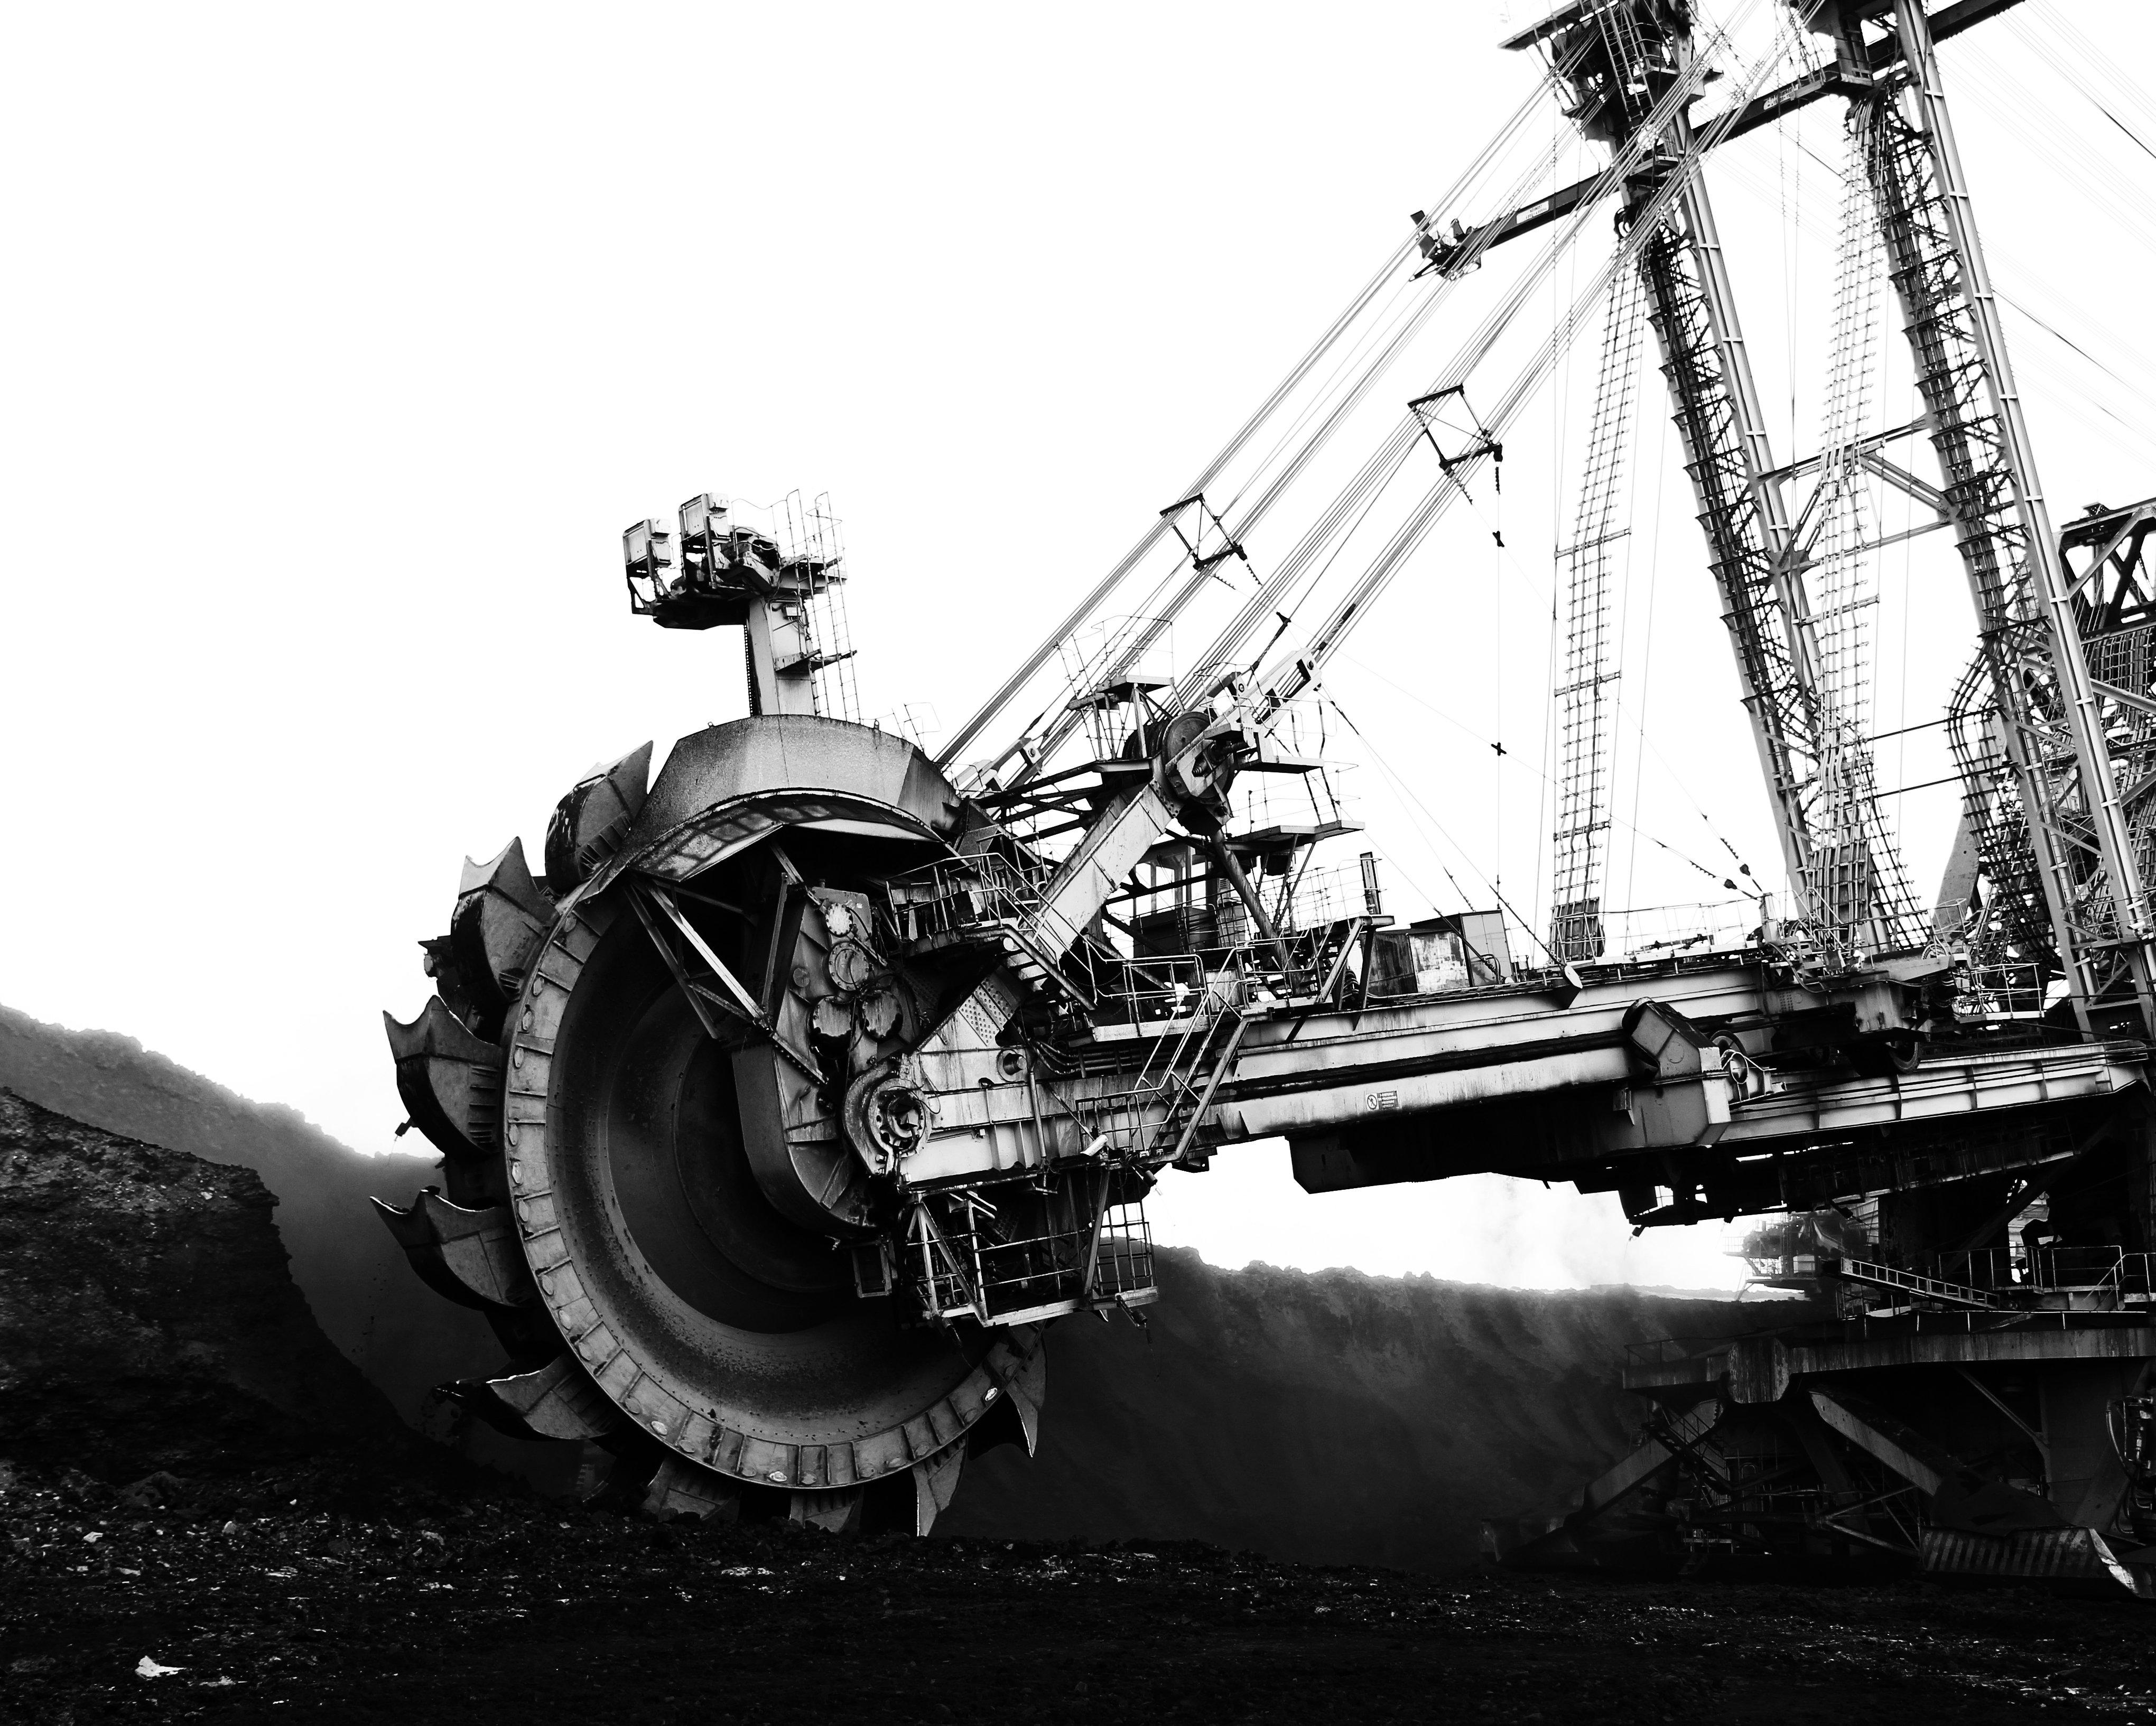 Heavy machinery_20_01_2020 17_09_03